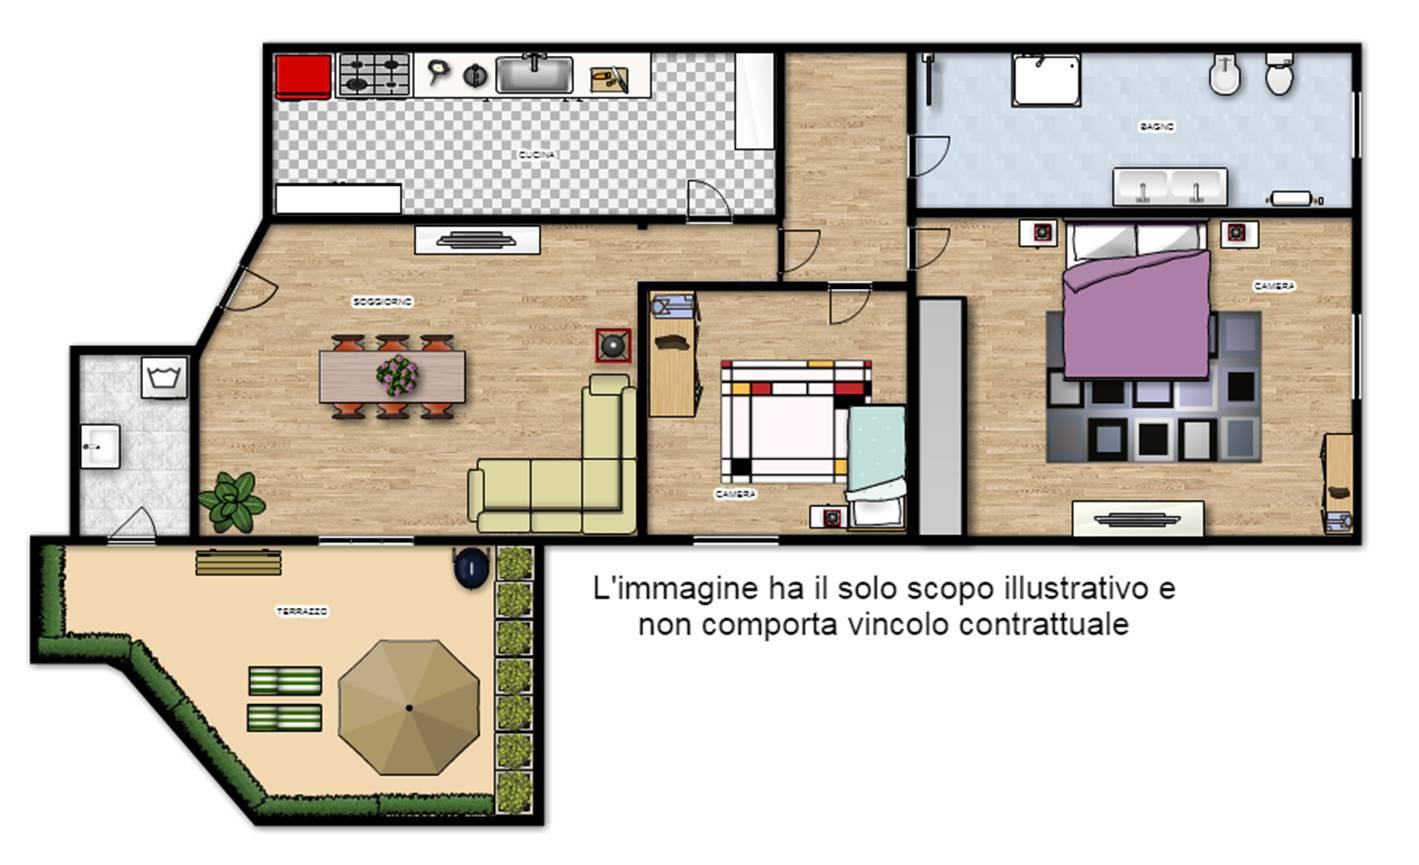 Appartamento in vendita a Viterbo, 3 locali, zona Zona: Semicentro, prezzo € 98.000   CambioCasa.it